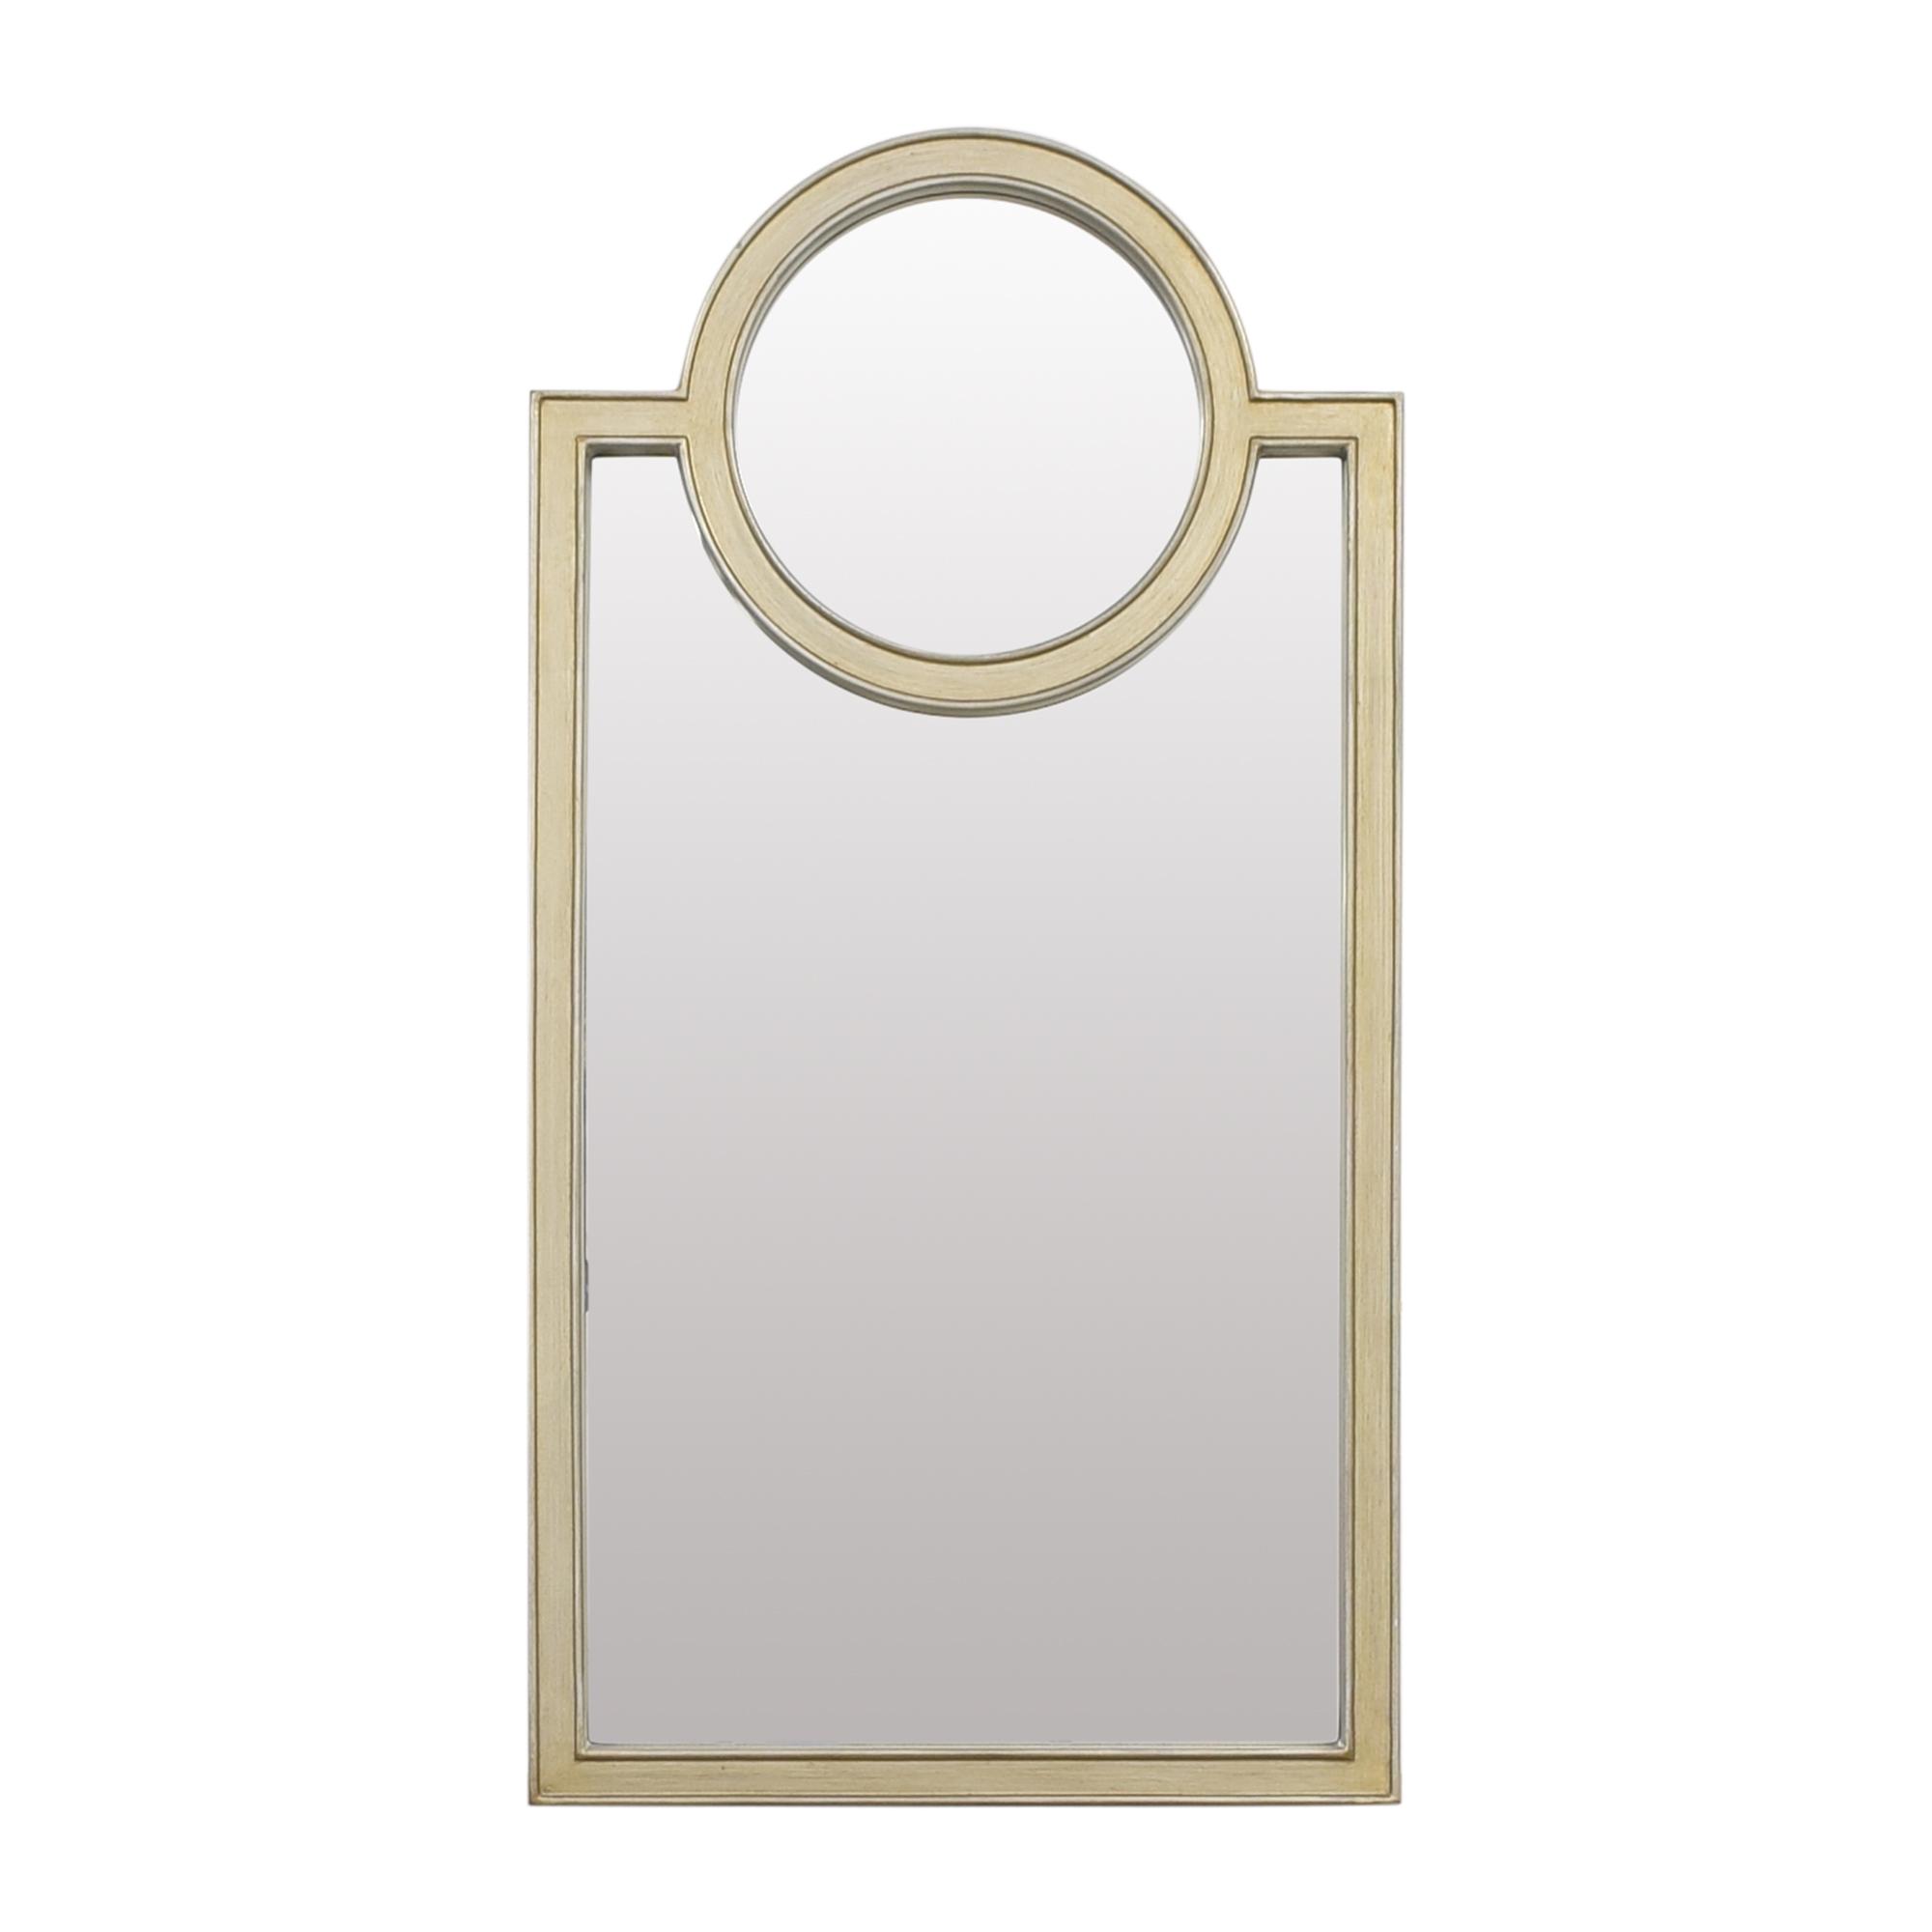 Overstock Overstock Neopolitan Wall Mirror nj